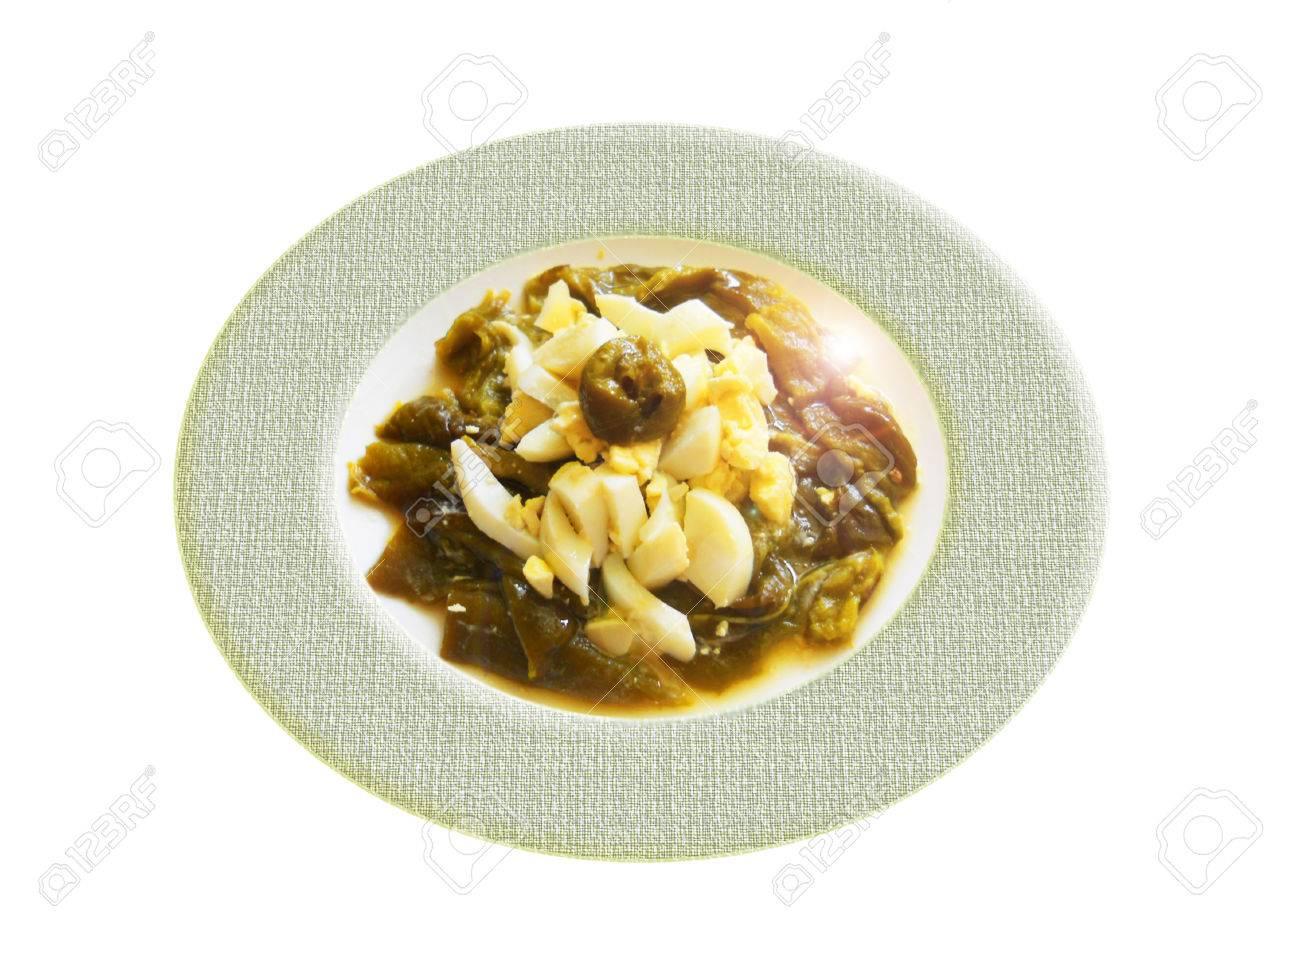 pimiento verde cocida al horno con huevo cocido. Composición Foto de archivo - 36313157